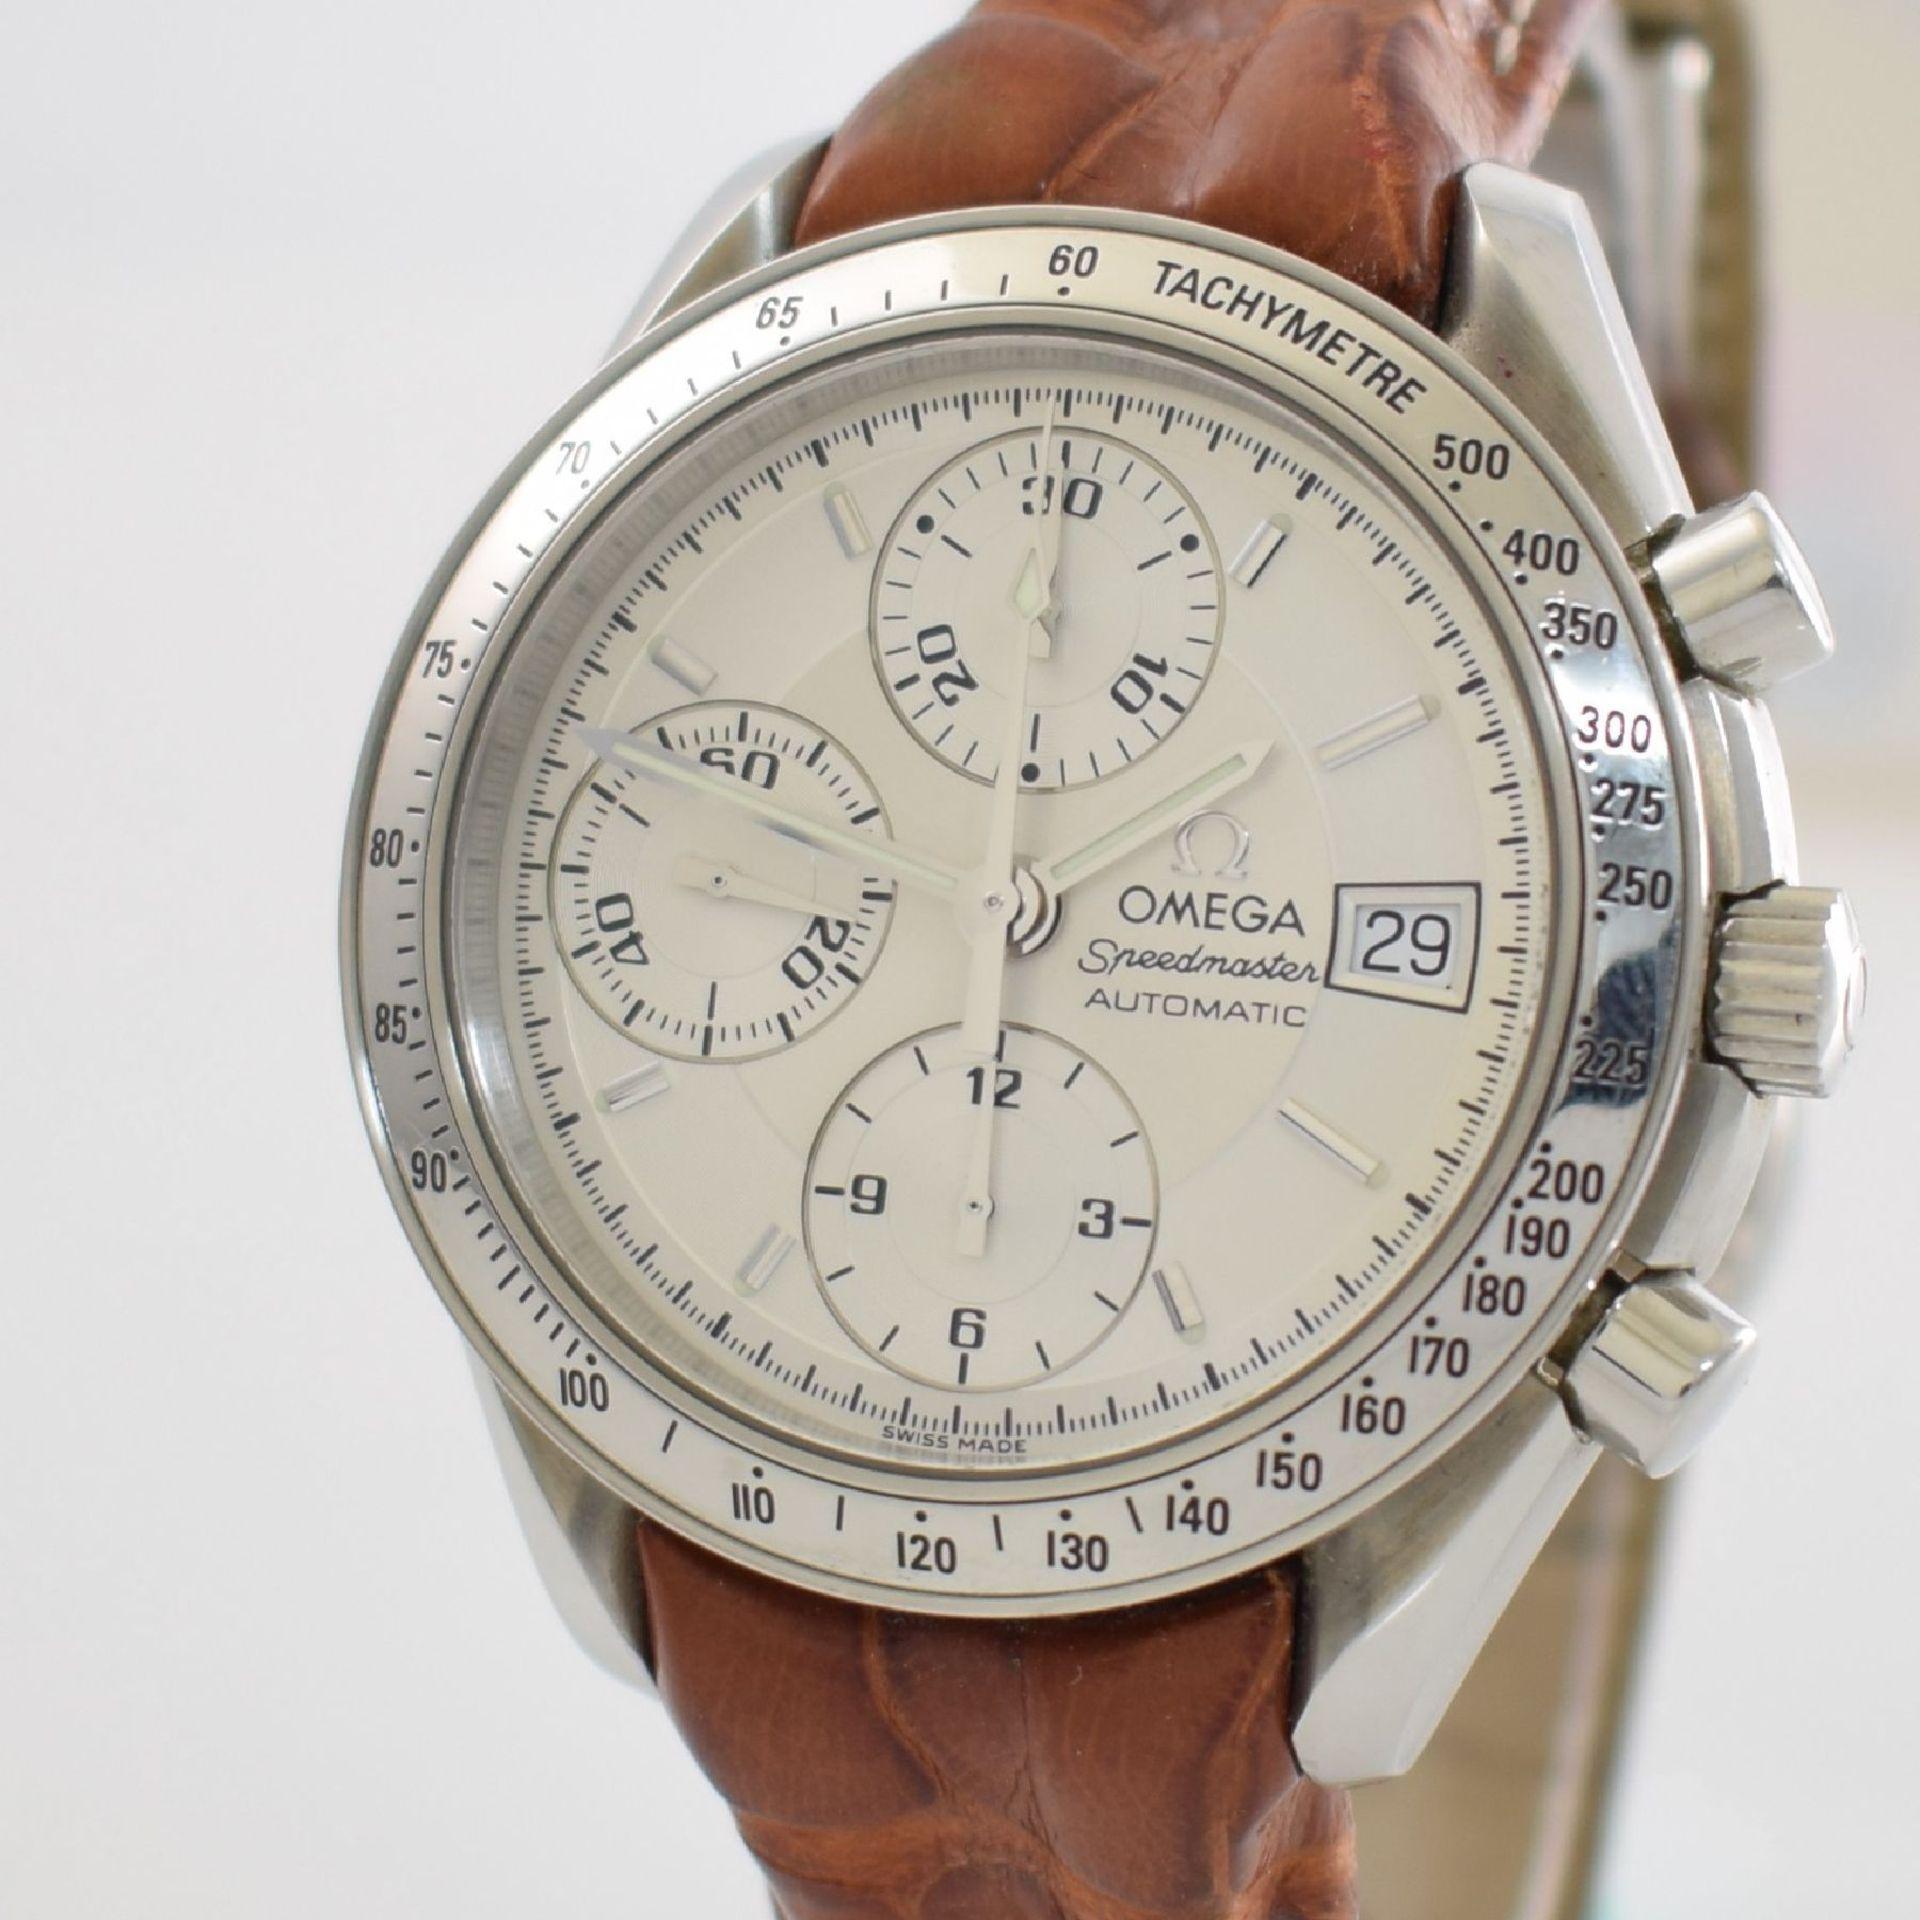 OMEGA Armbandchronograph Serie Speedmaster, Automatik, Schweiz um 1998, Ref. 1750083/3750083, - Bild 5 aus 8